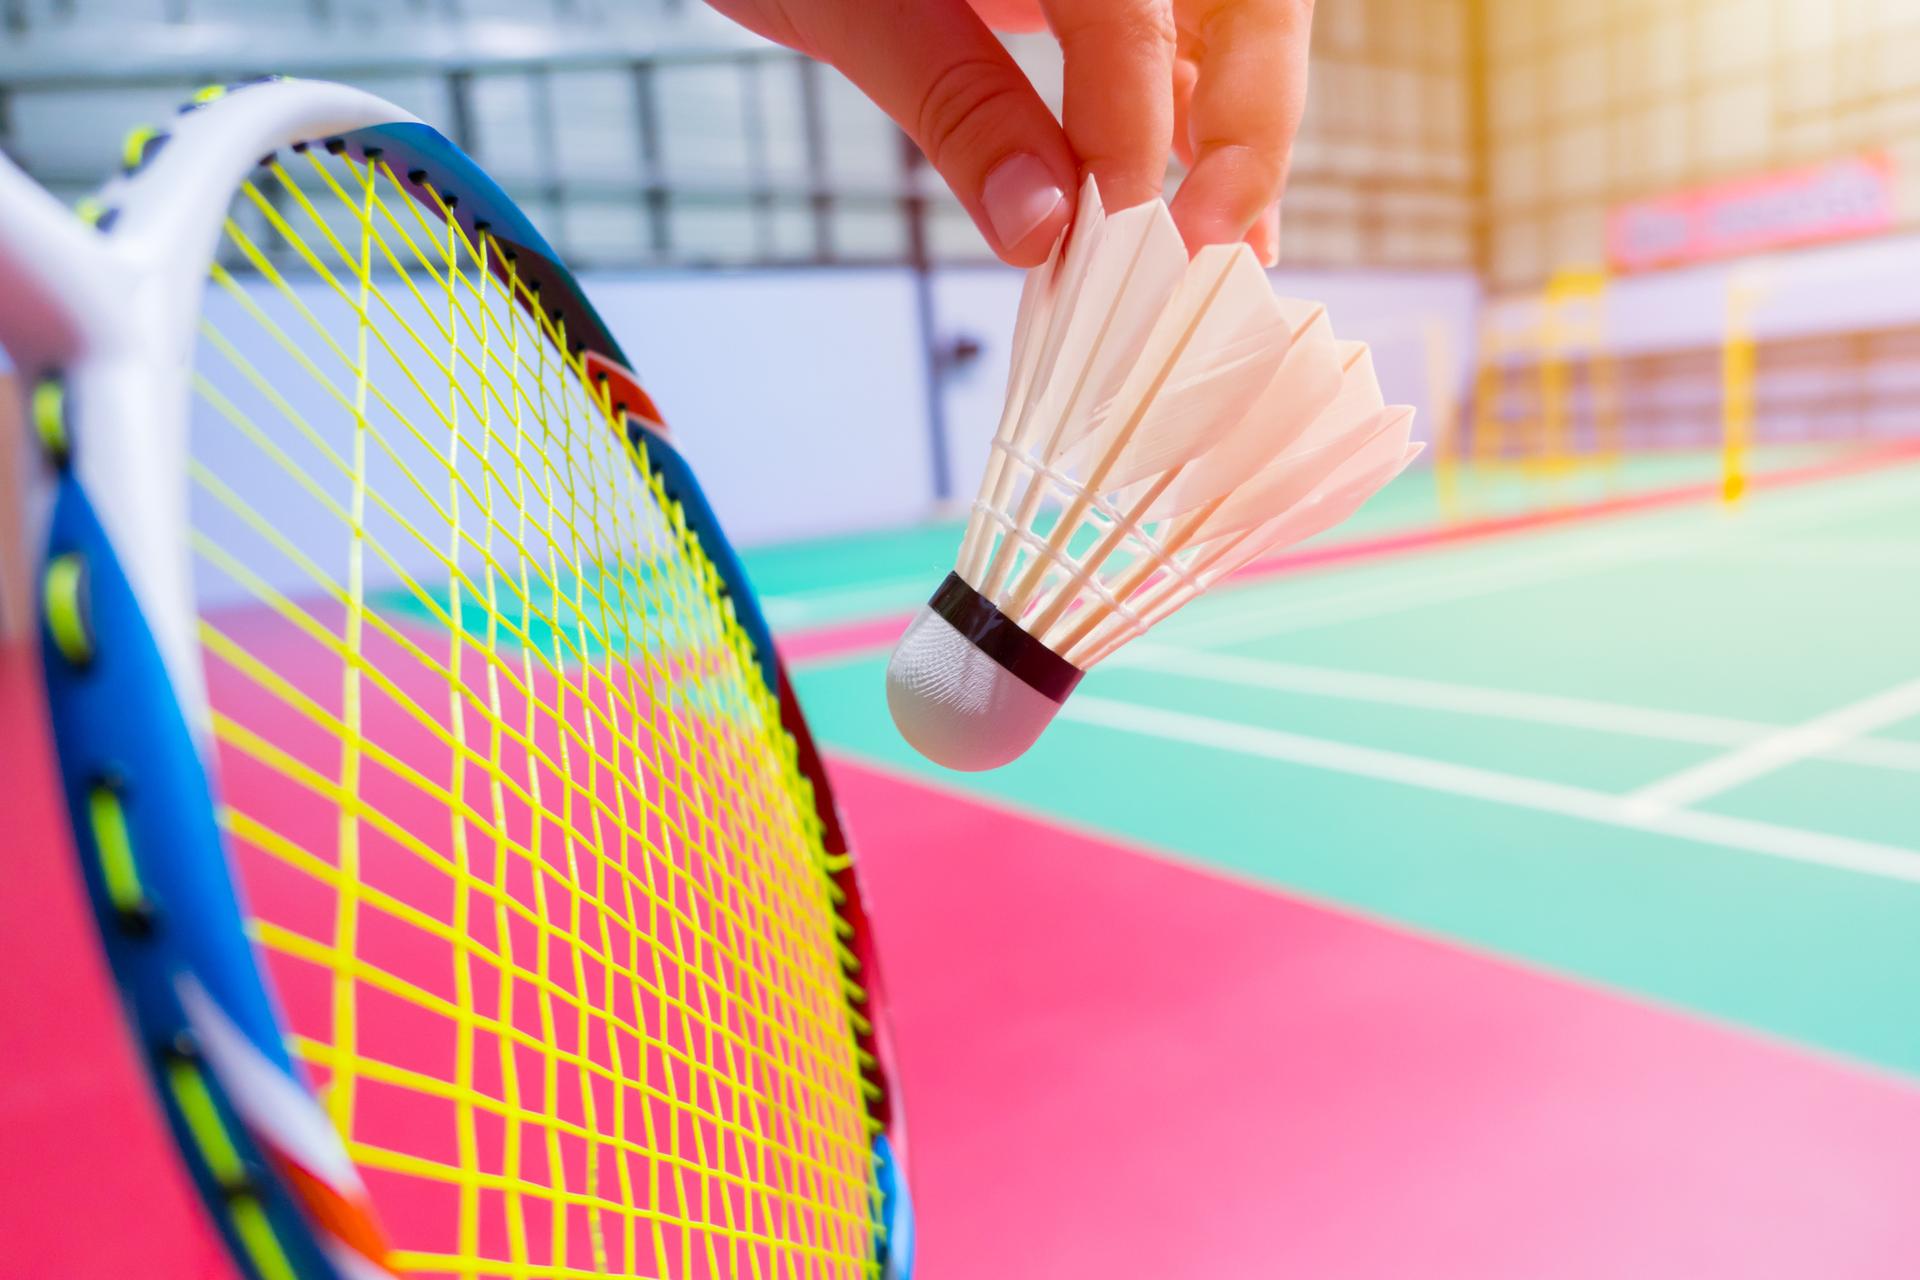 Badminton - zasady, wymiary boiska i punktacja - Sport WP SportoweFakty